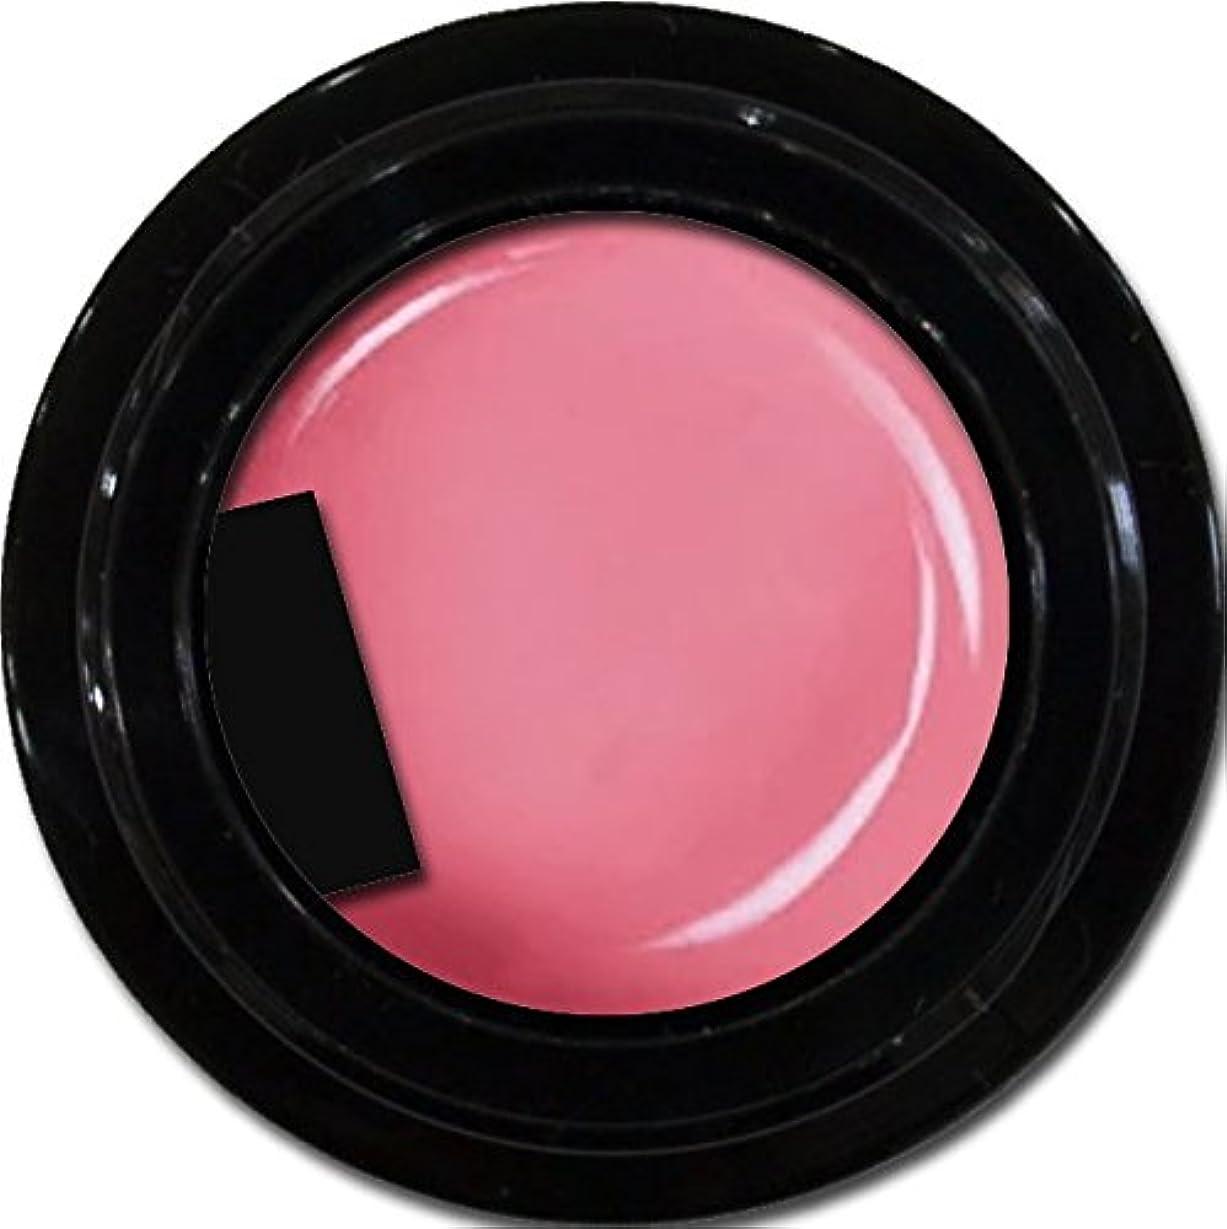 染色魔女遊具カラージェル enchant color gel M212 CoralPink 3g/ マットカラージェル M212コーラルピンク 3グラム